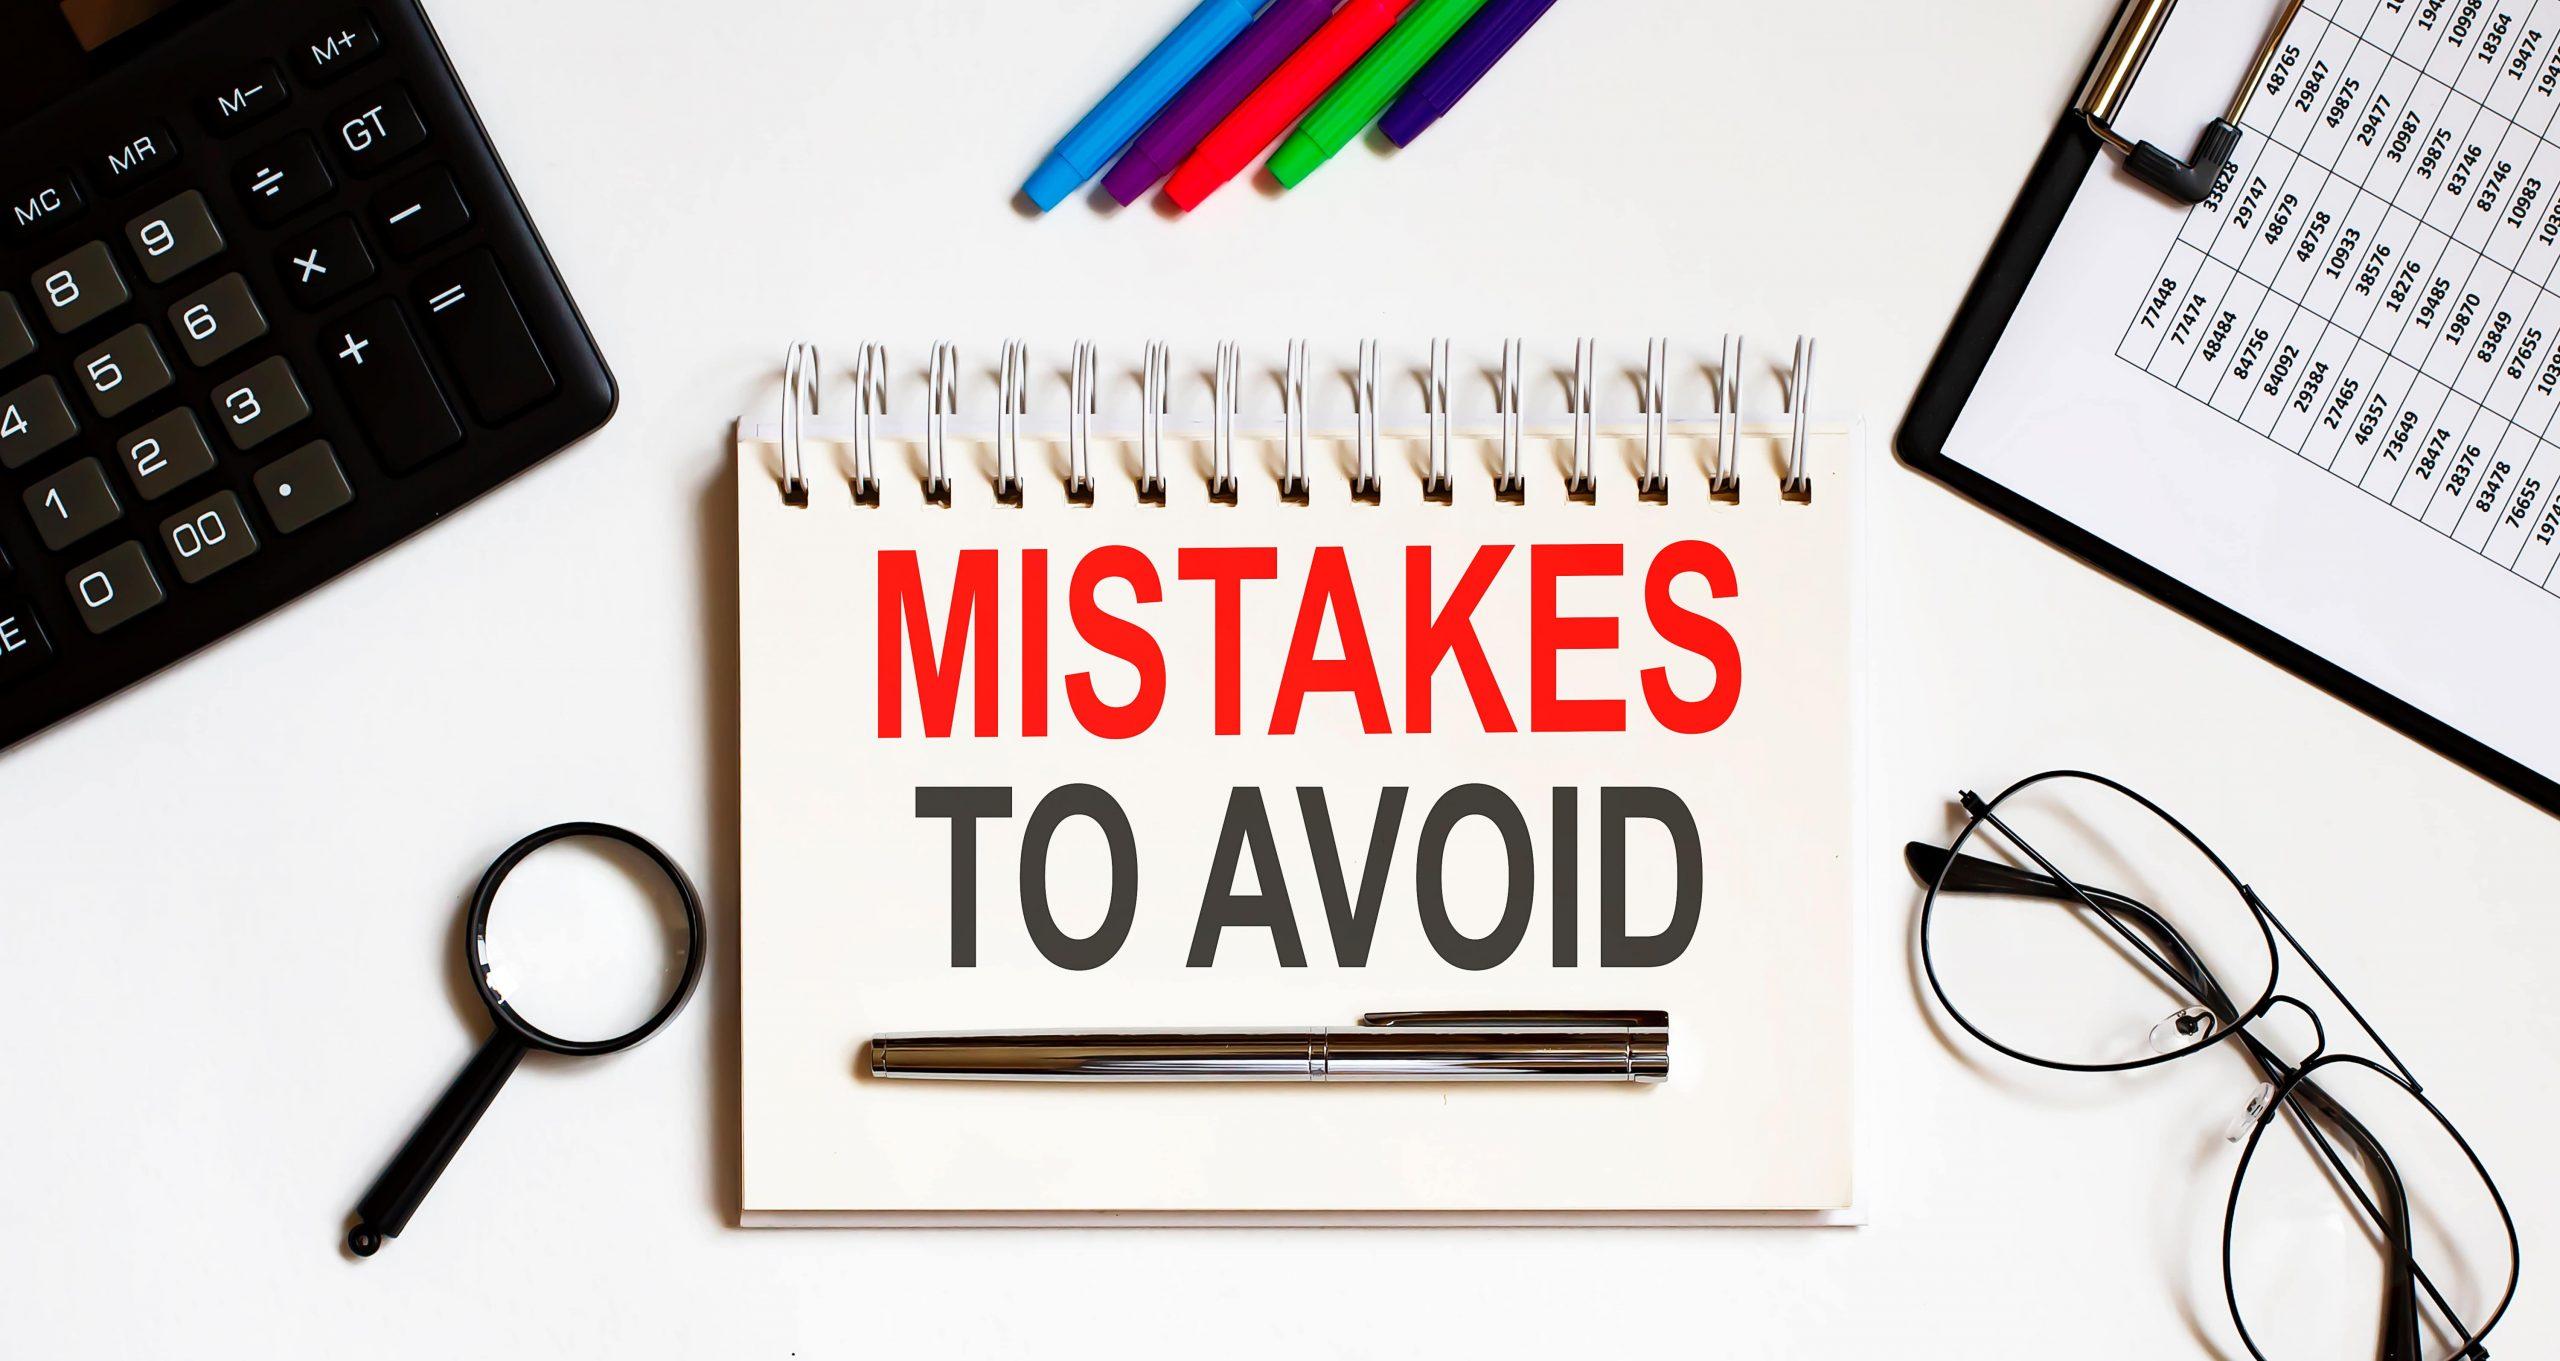 Mistakes To Avoid Written on Notepad